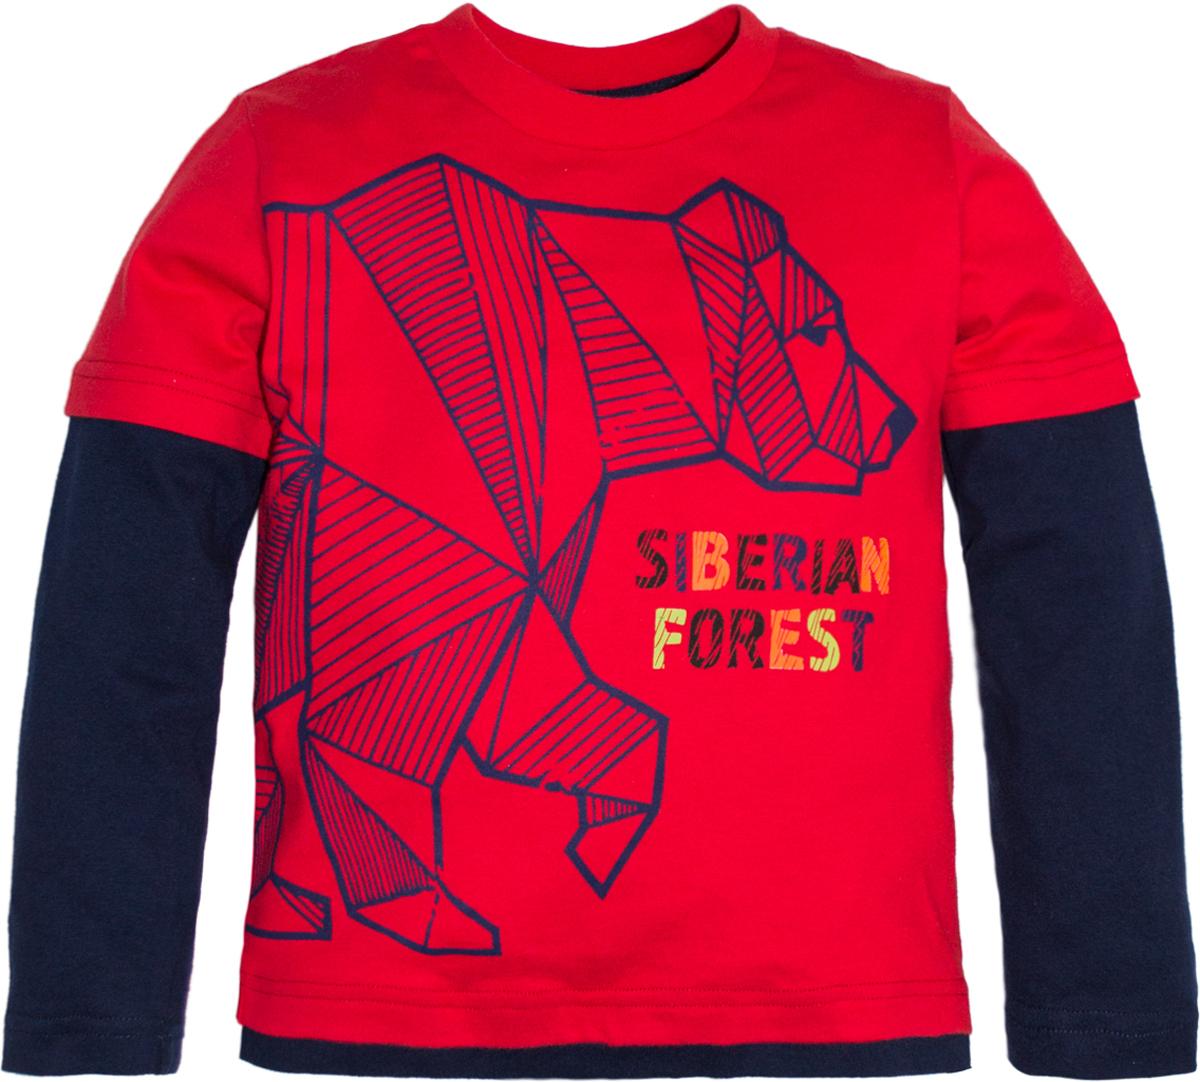 Футболка с длинным рукавом для мальчика Lets Go, цвет: красный. 6220. Размер 986220Стильная футболка с длинным рукавом Lets Go для мальчика выполнена из хлопка. Модель с круглым вырезом горловины и длинными рукавами. Спереди модель оформлена оригинальным принтом.